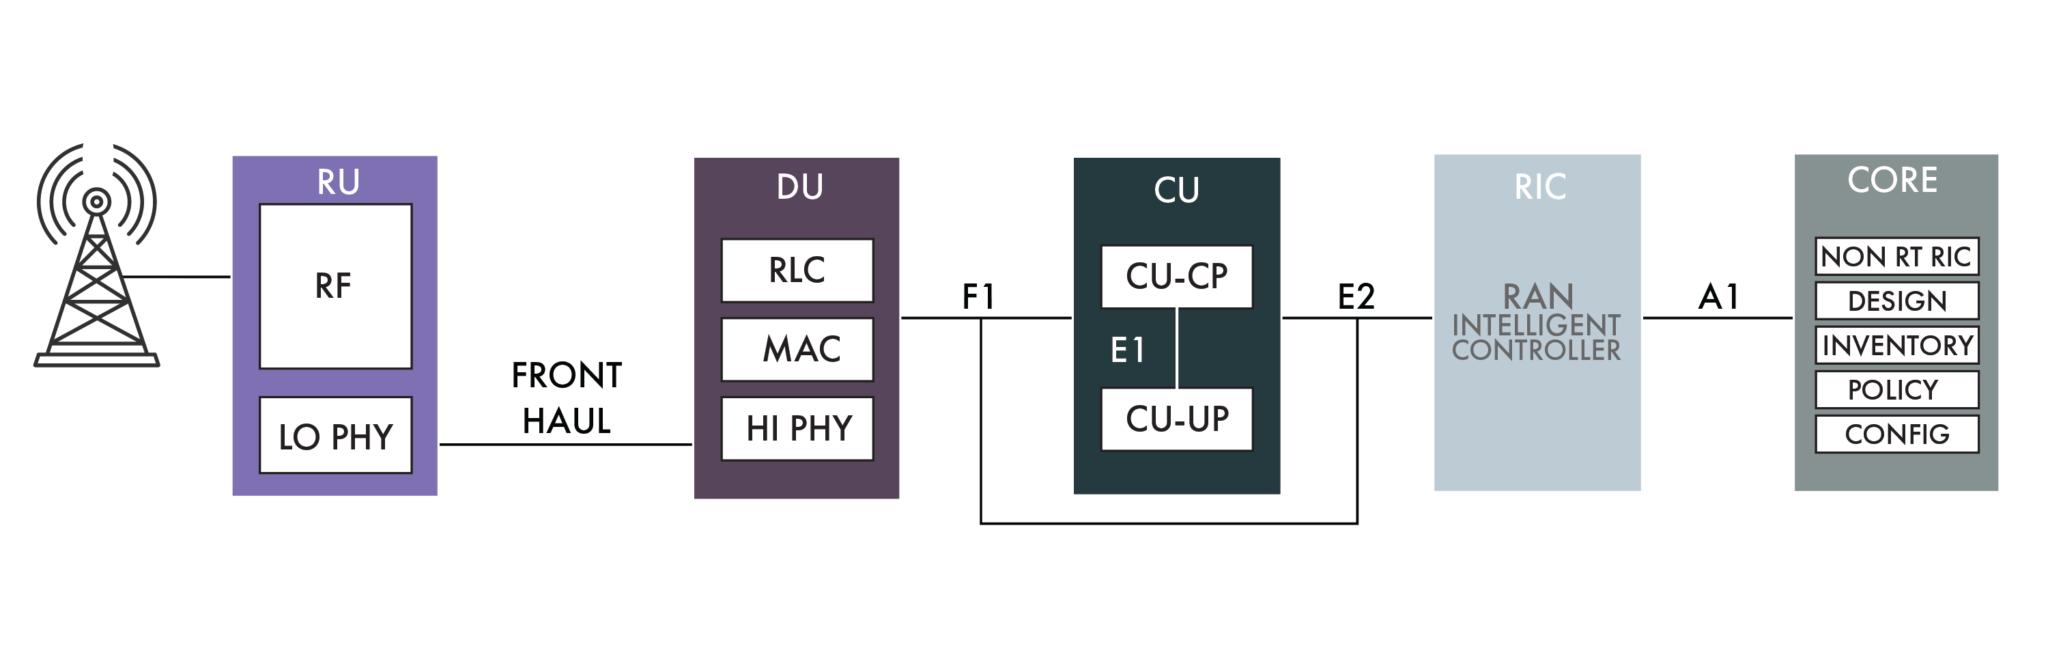 图3. 5G网络将基带单元分为RU,DU和CU